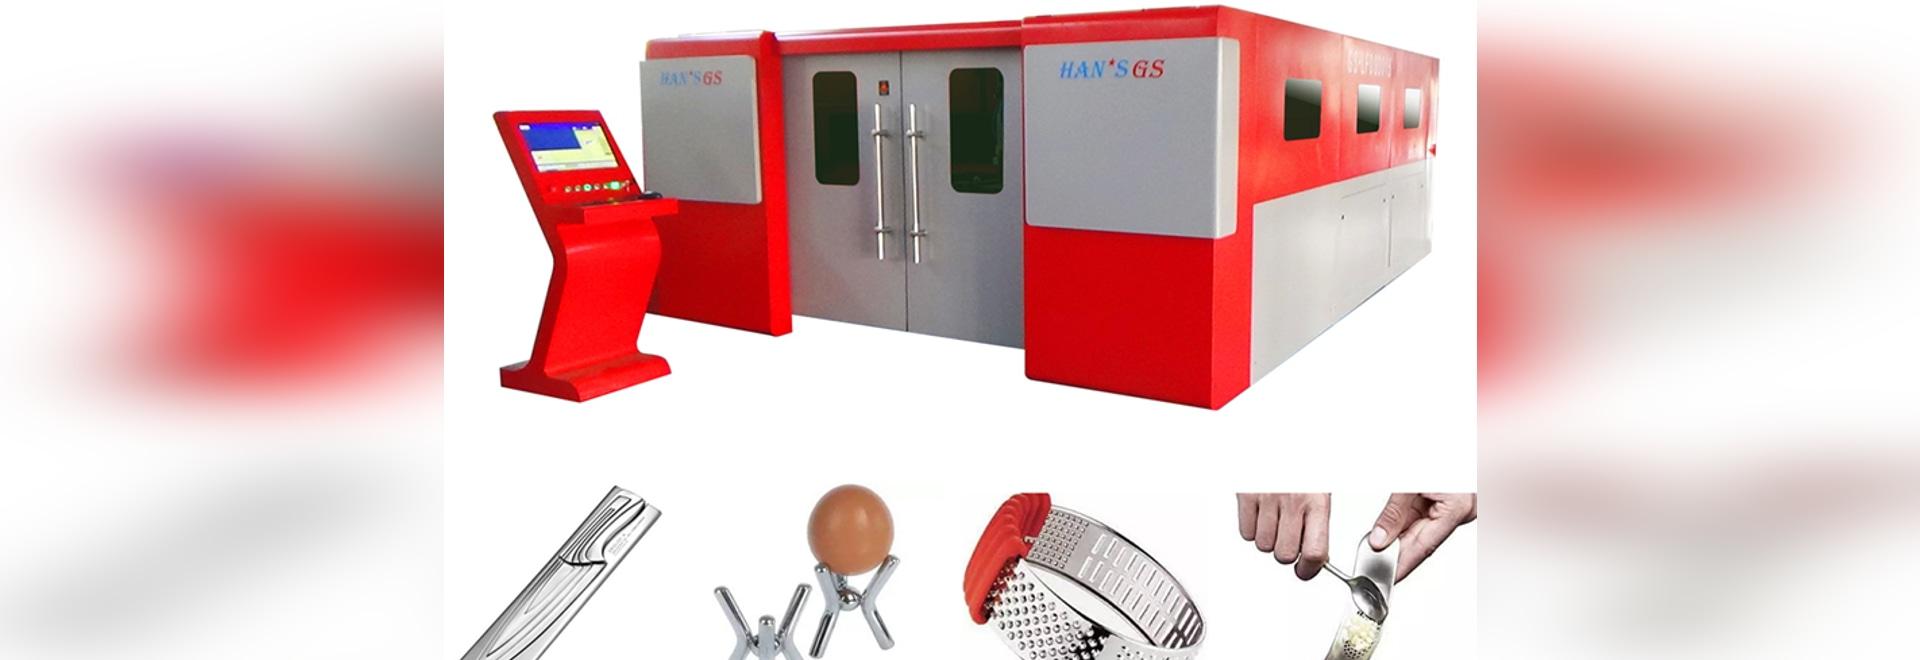 2 ans de garantie de HANS GS de fibre de laser de découpeuse en métal sont très utilisés dans l'industrie de vaisselle de cuisine